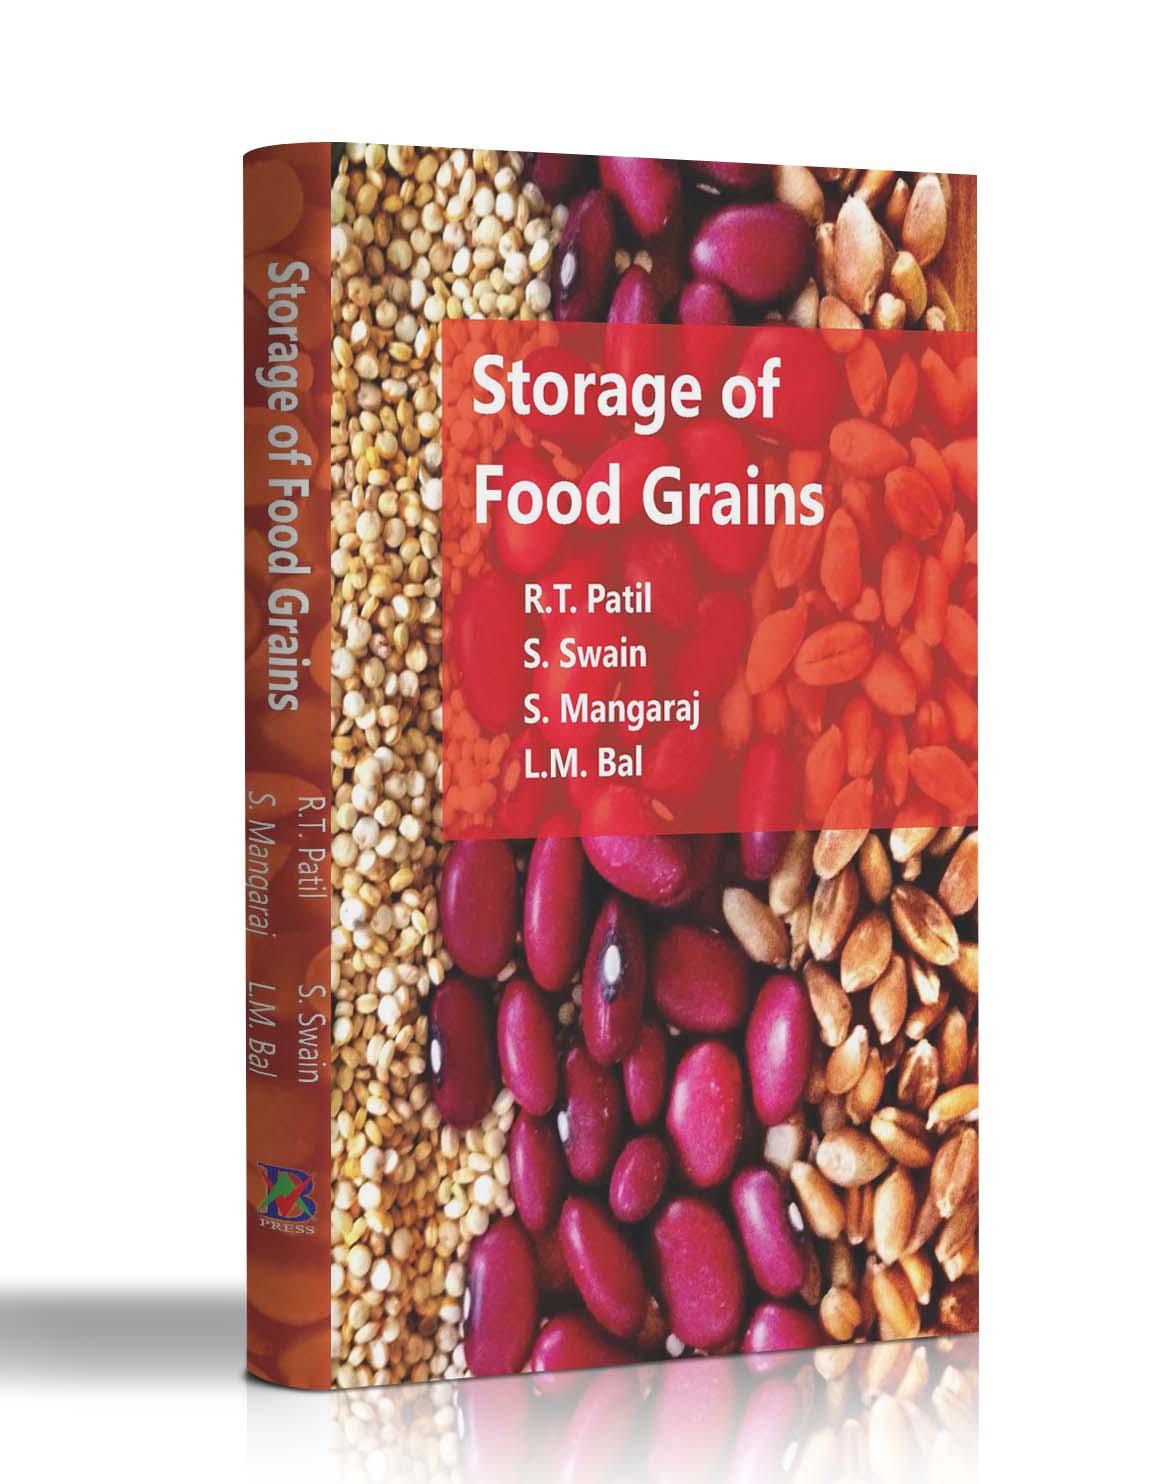 STORAGE OF FOOD GRAINS